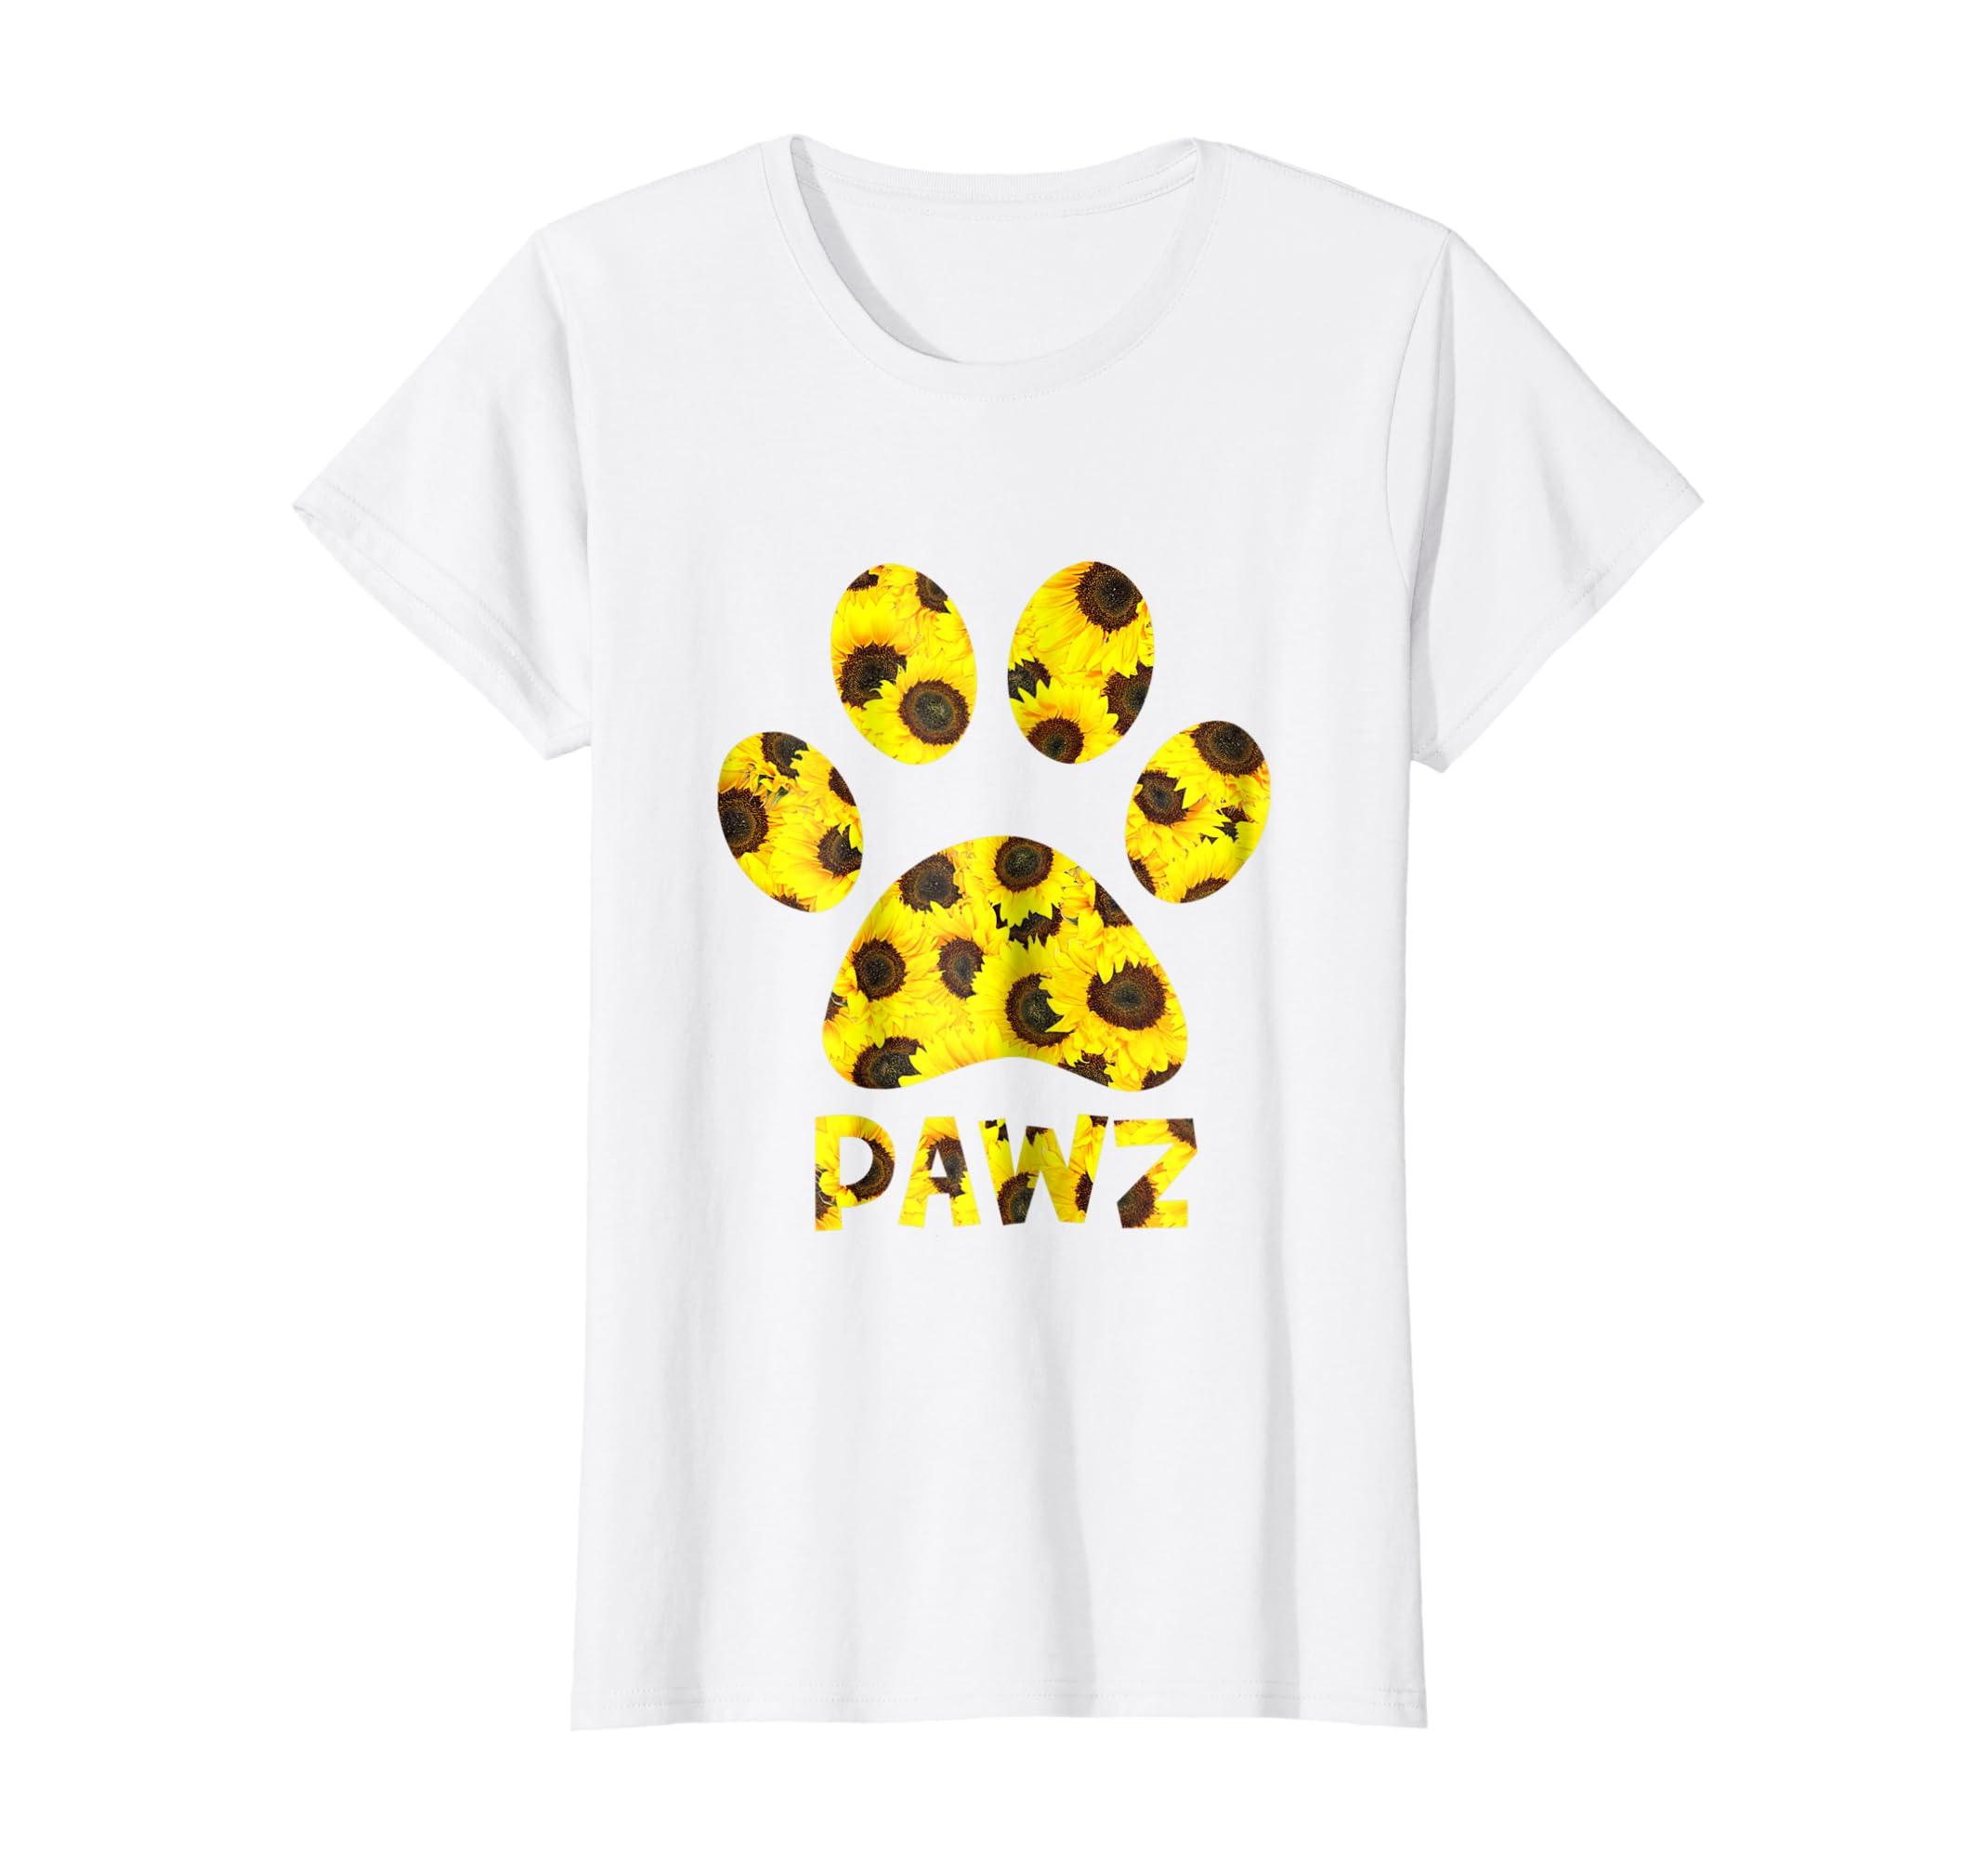 Pawz Sunflower T shirt For Women or Men-Teechatpro